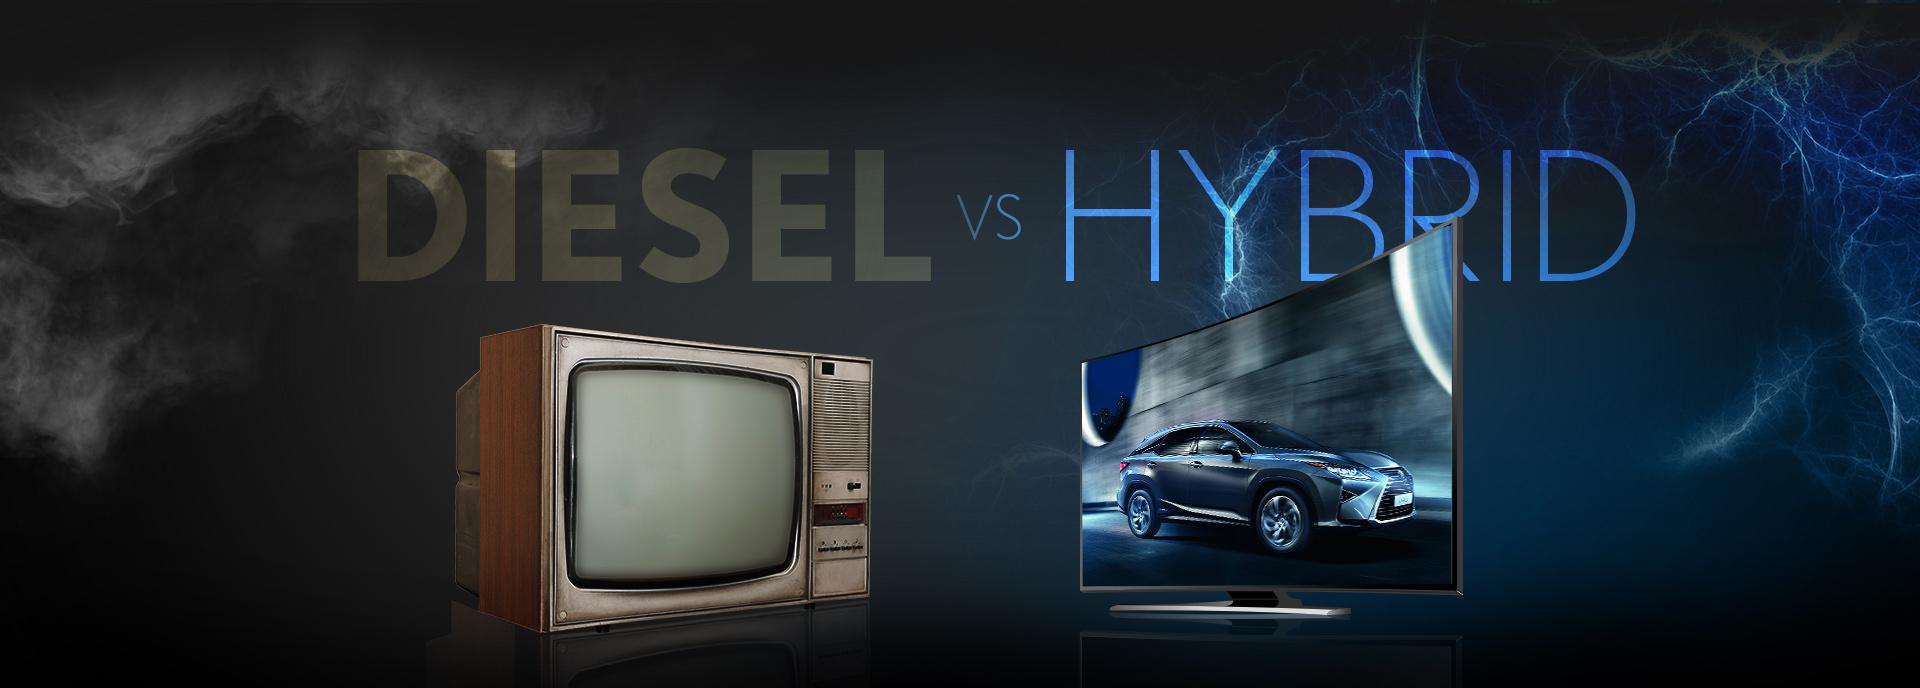 Diesel vs Hybrid Image